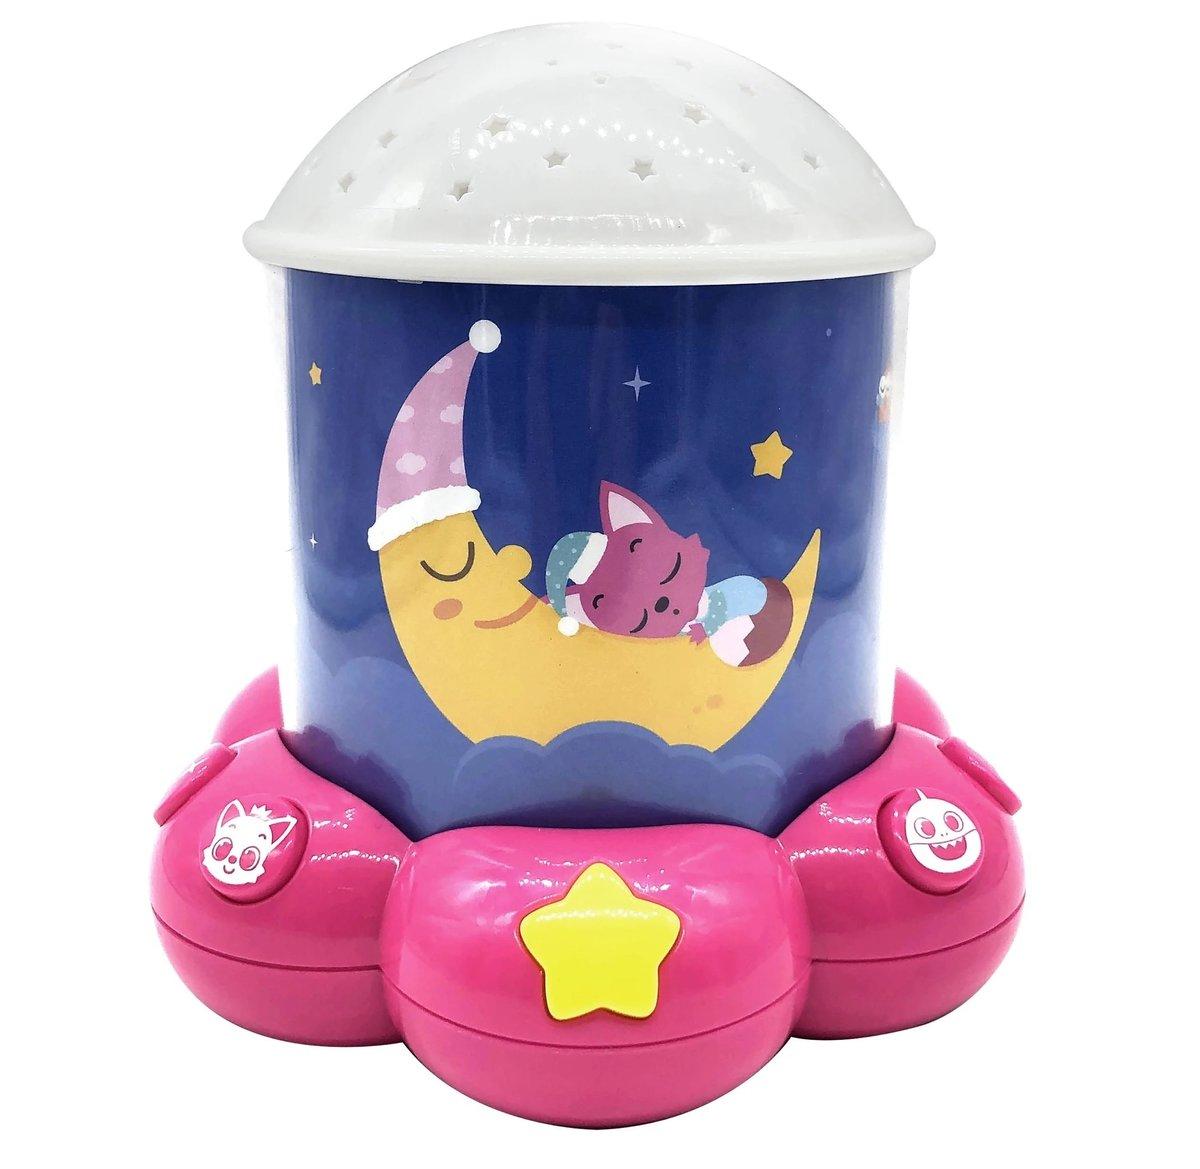 嬰兒睡眠搖籃曲小夜燈 旋律音樂燈